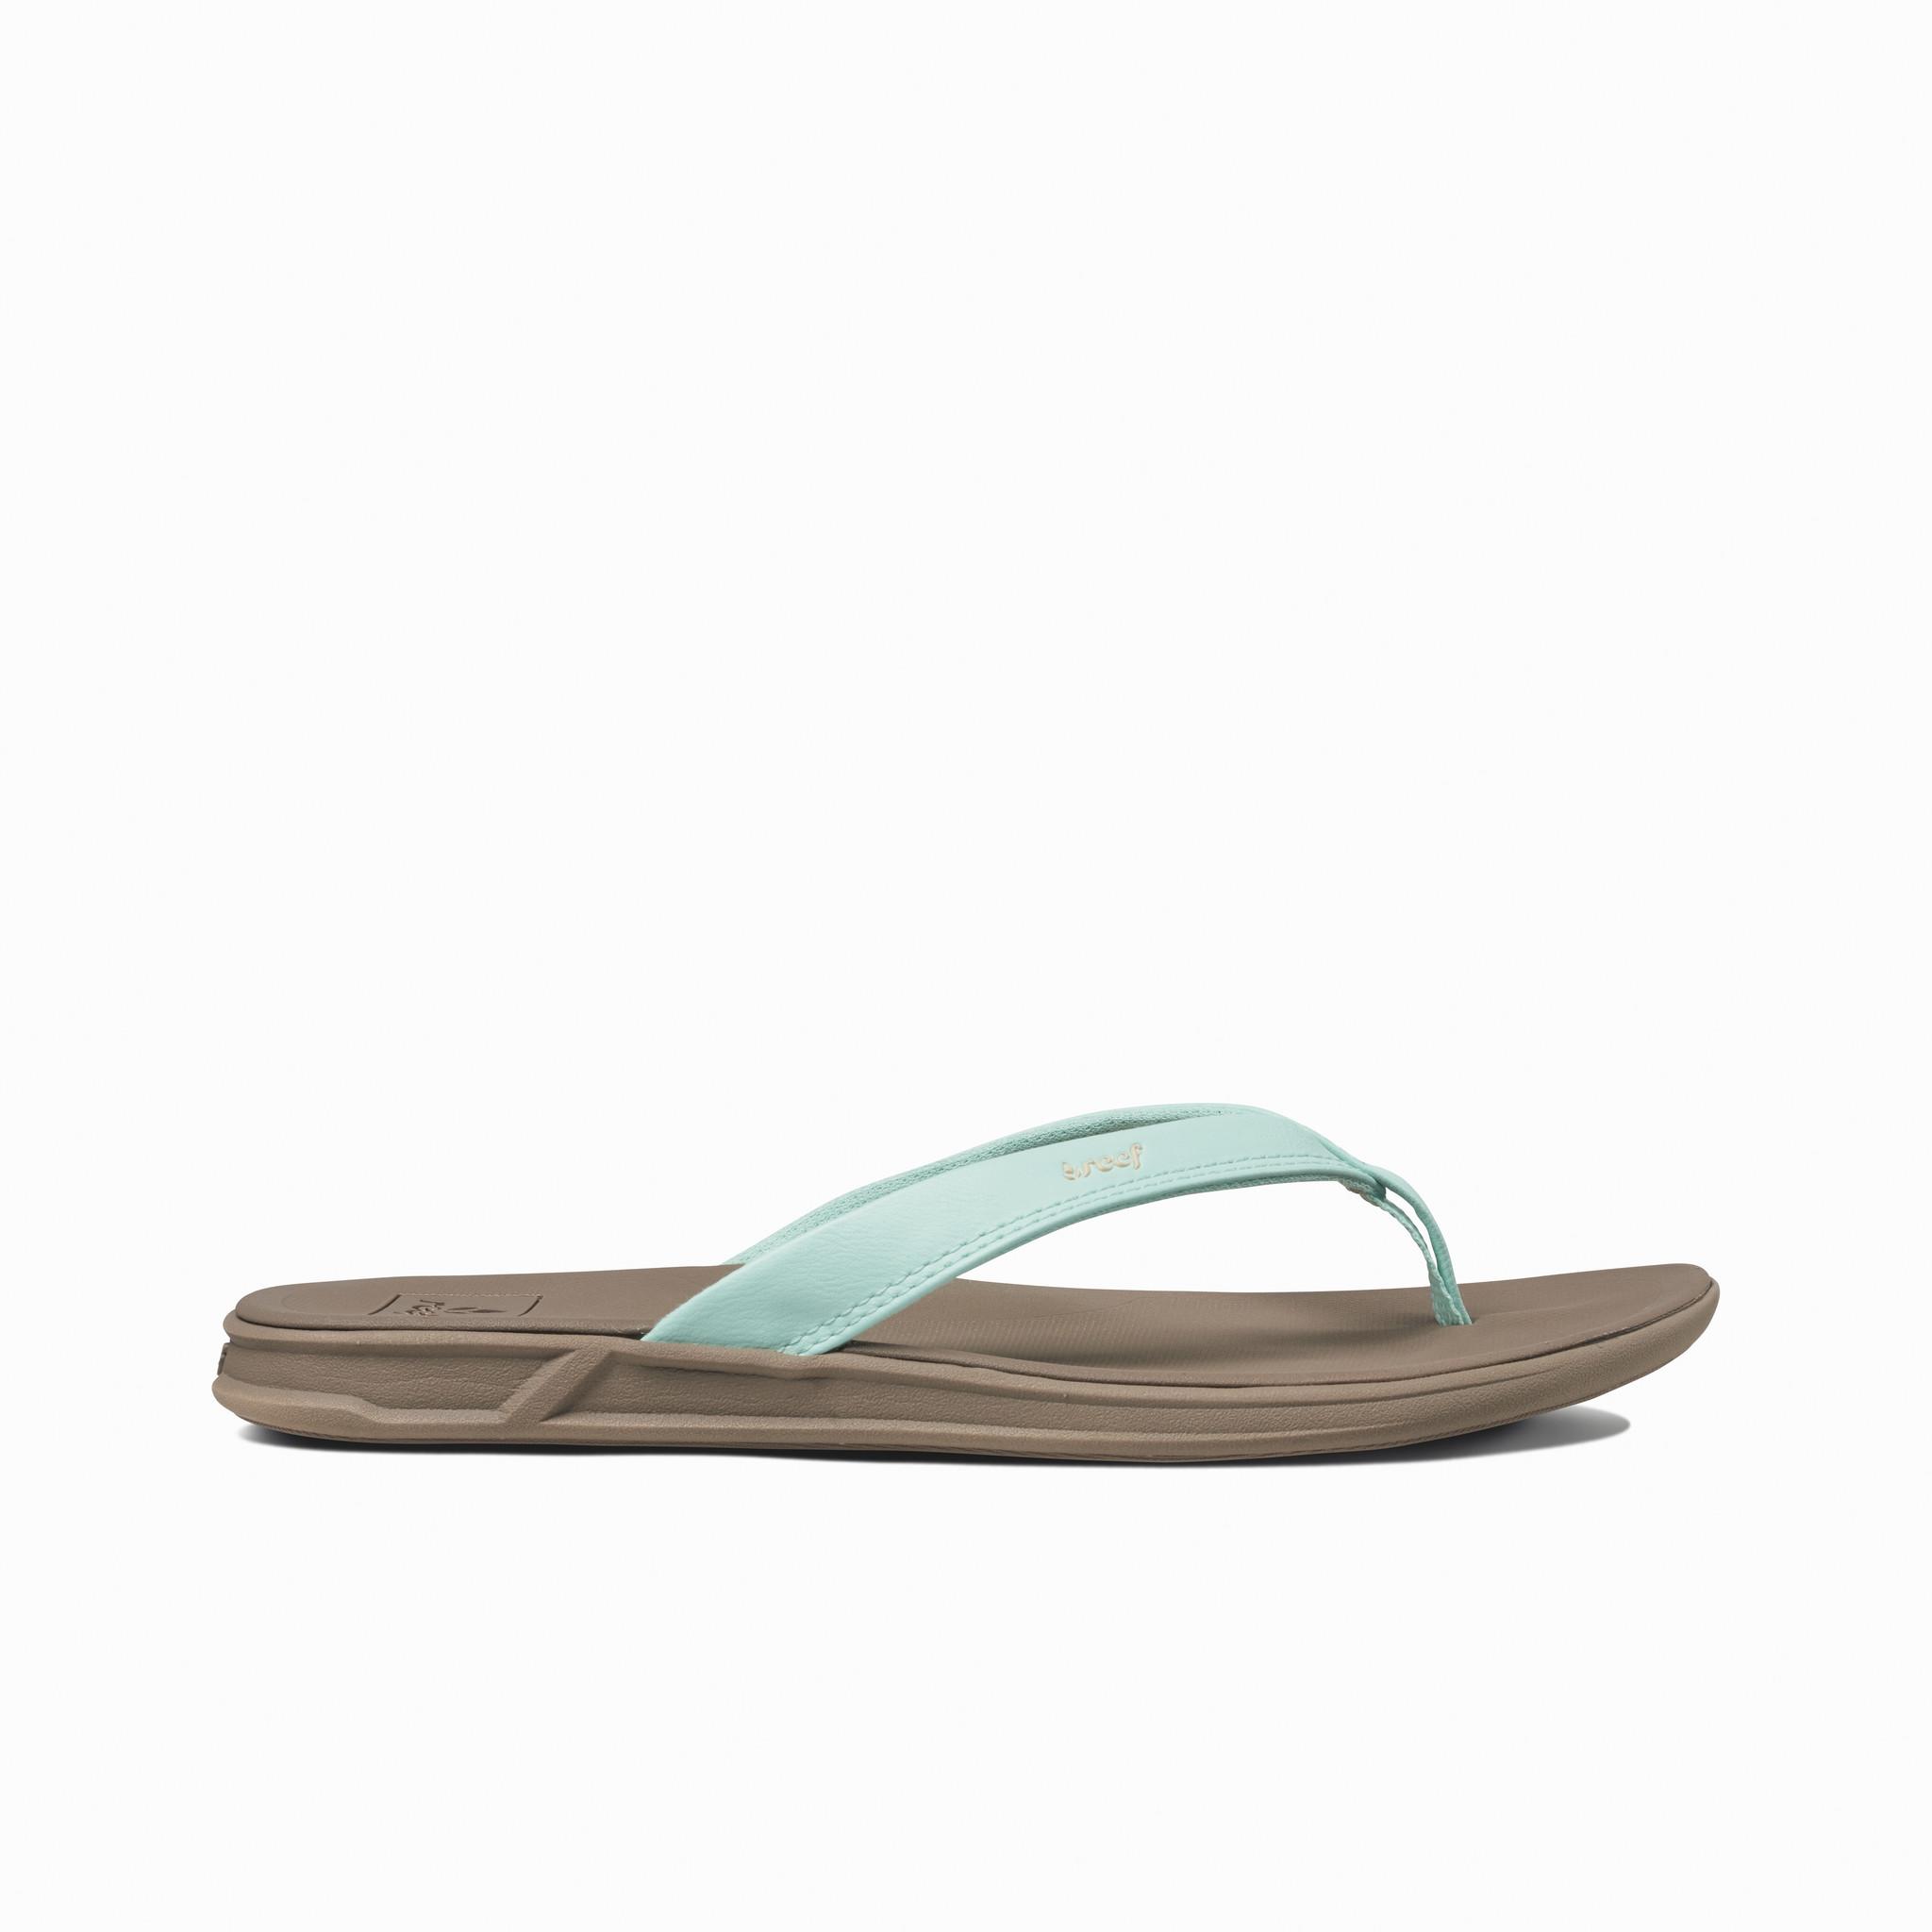 goedkoop kopen goede textuur origineel REEF Reef Rover Catch Women's Sandals - Mint